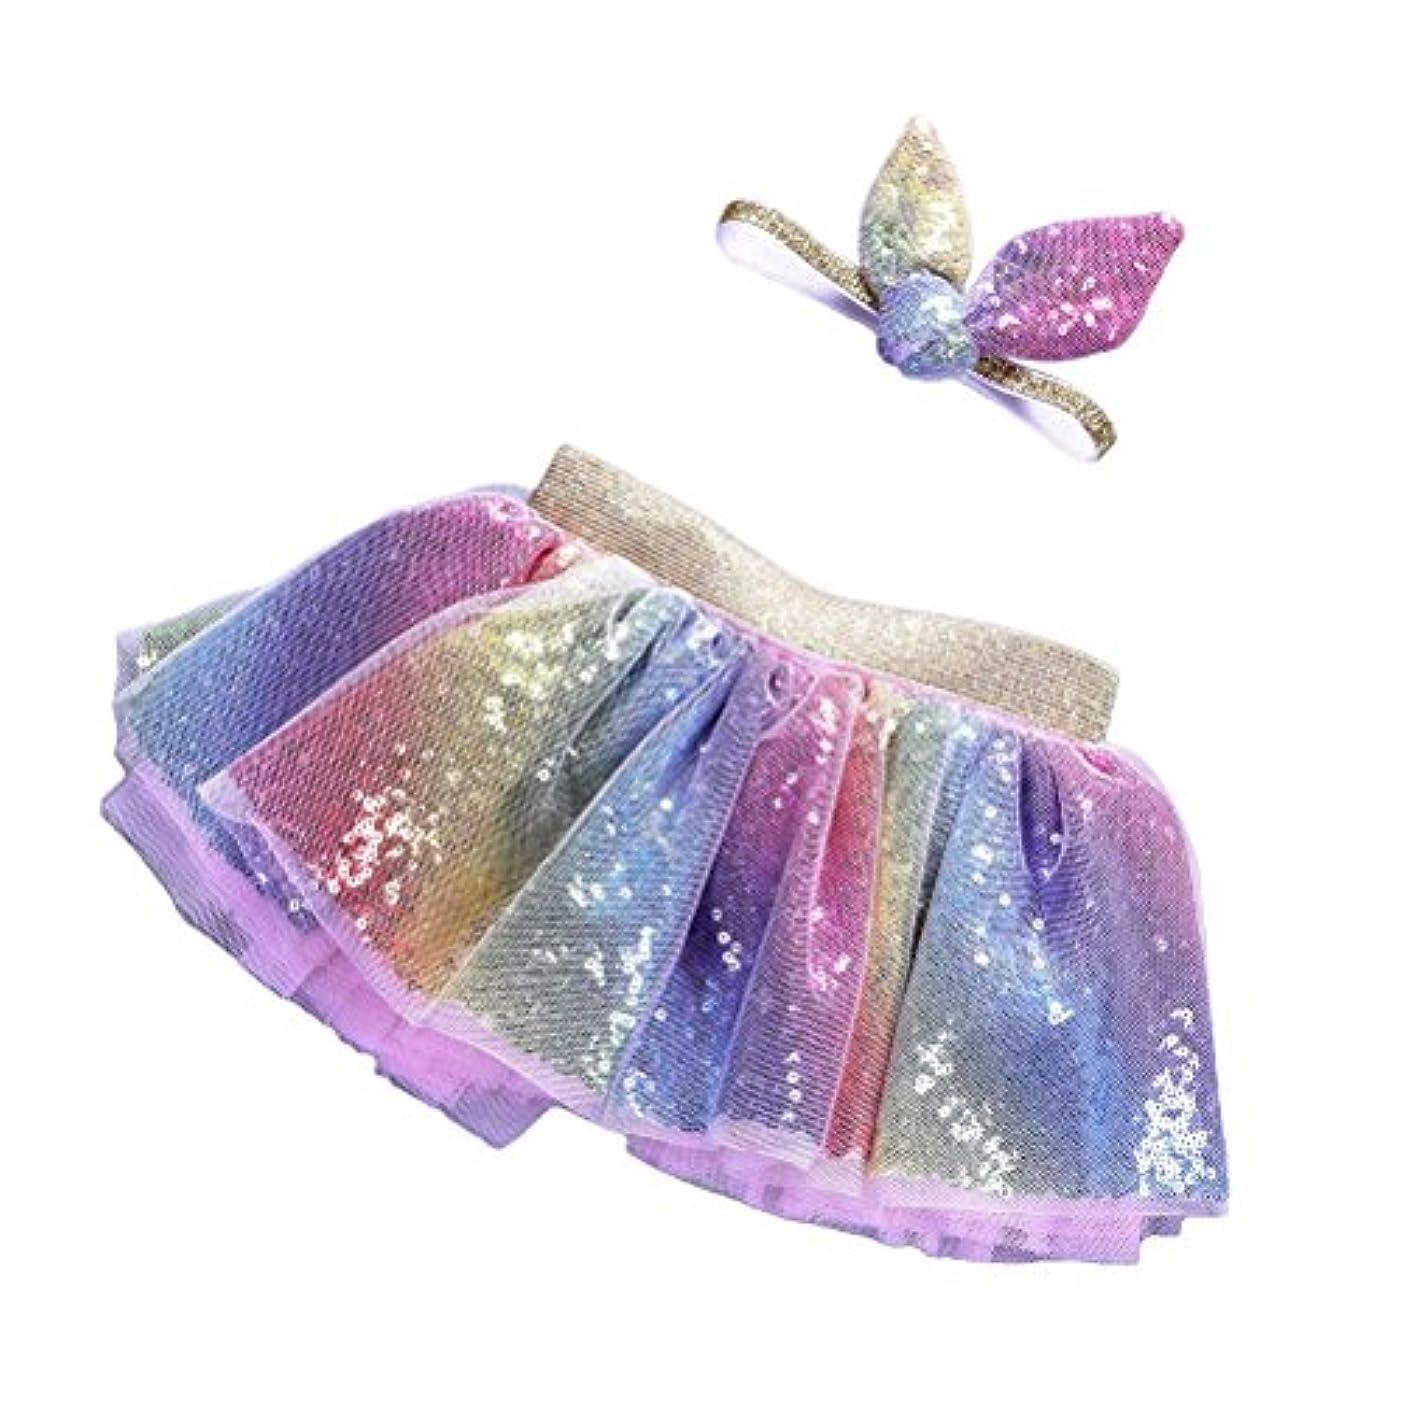 結び目構造からLUOEM 2PCSレインボーツツースカート(ヘッドバンド付き)プリンセスガールツツーの服装ベビーガールズ誕生日の服セットサイズM(2?5歳)